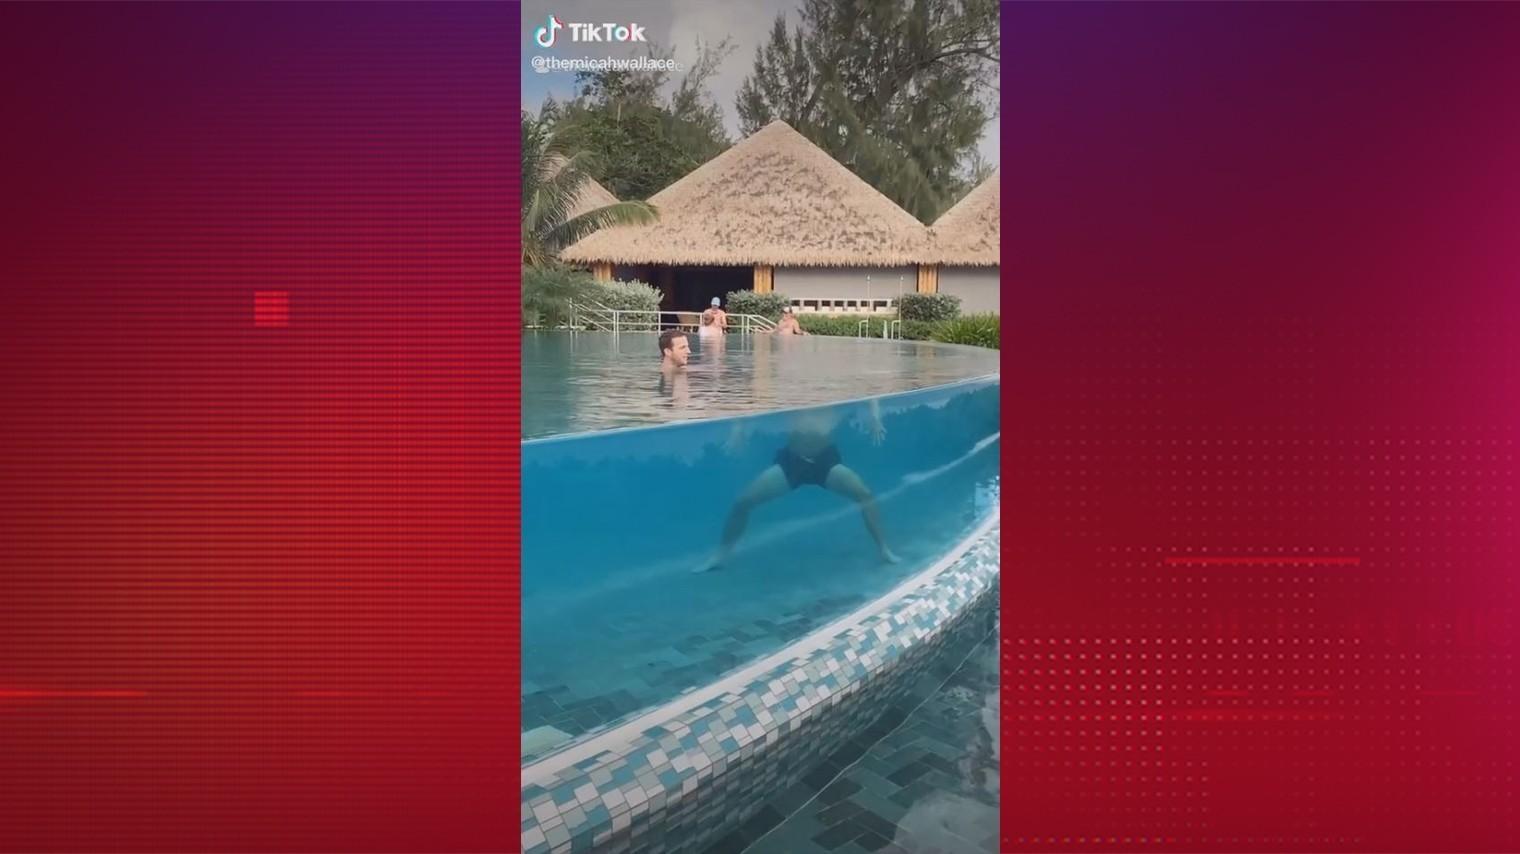 Оптическая иллюзия оставила мужчину в бассейне без головы — видео